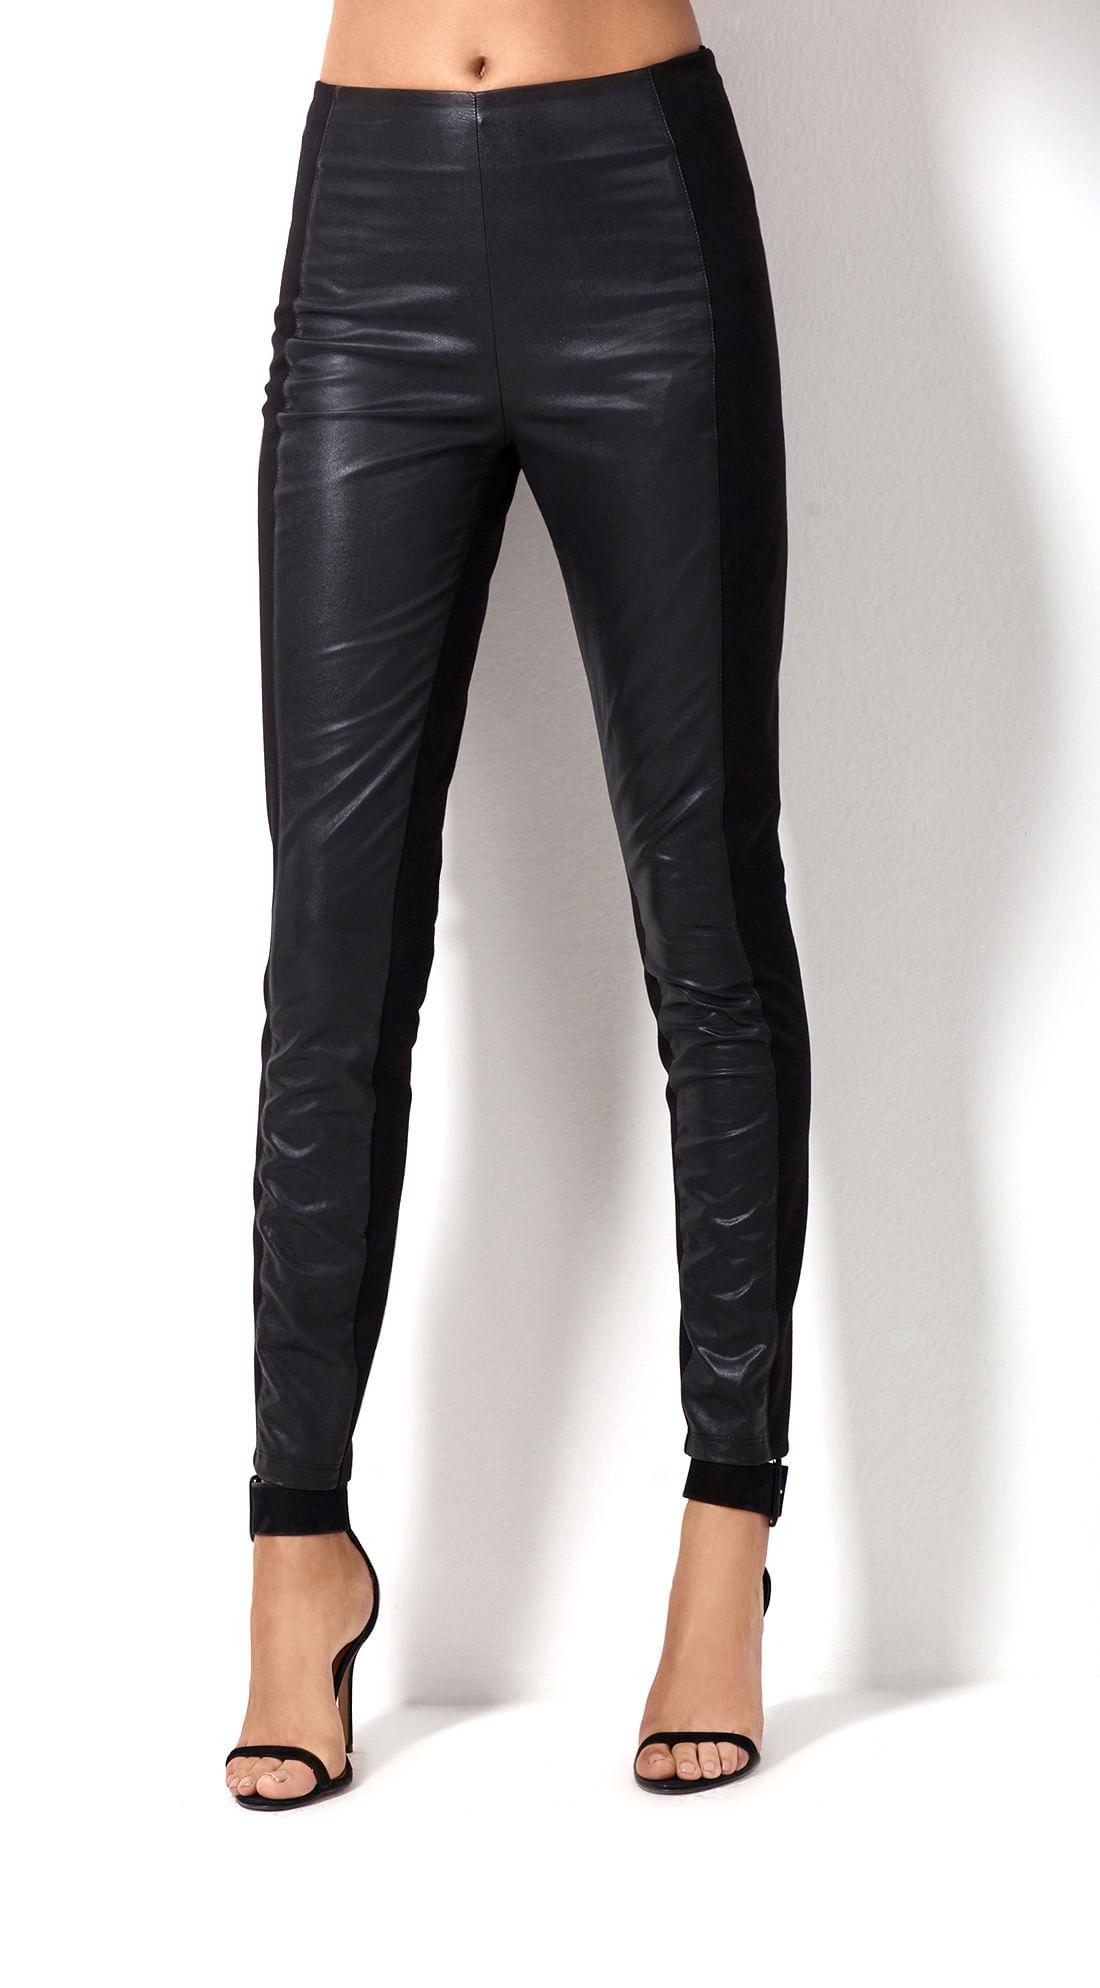 507a6cc8f Calca Legging Compose De Tecidos Preto - morenarosa